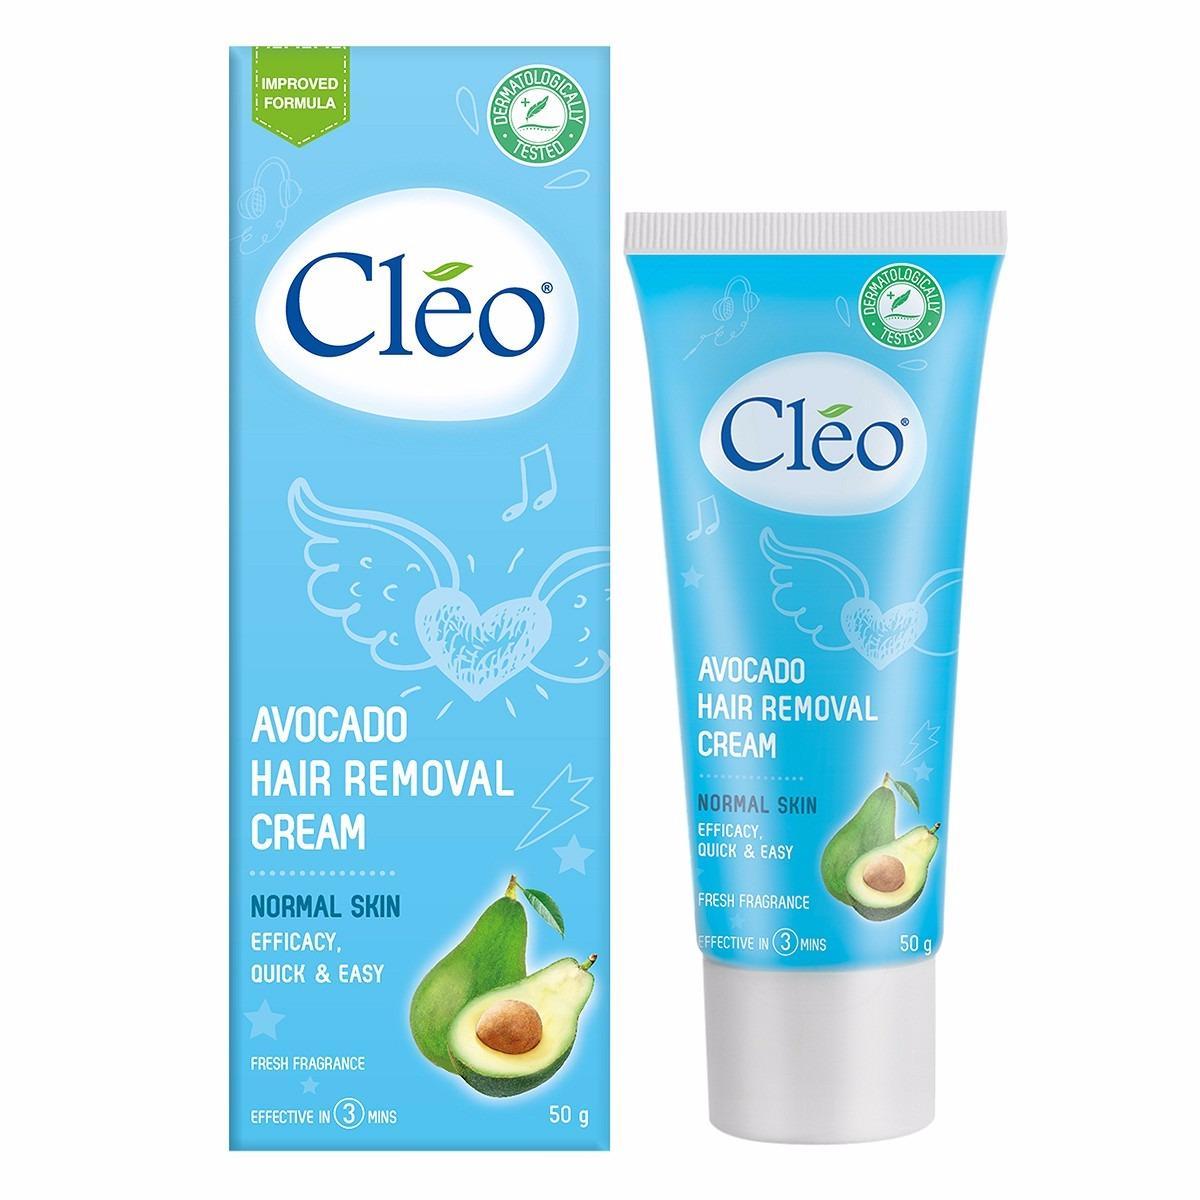 Hình ảnh Tẩy lông toàn thân Cleo Avocado Hair Removal Cream 50g